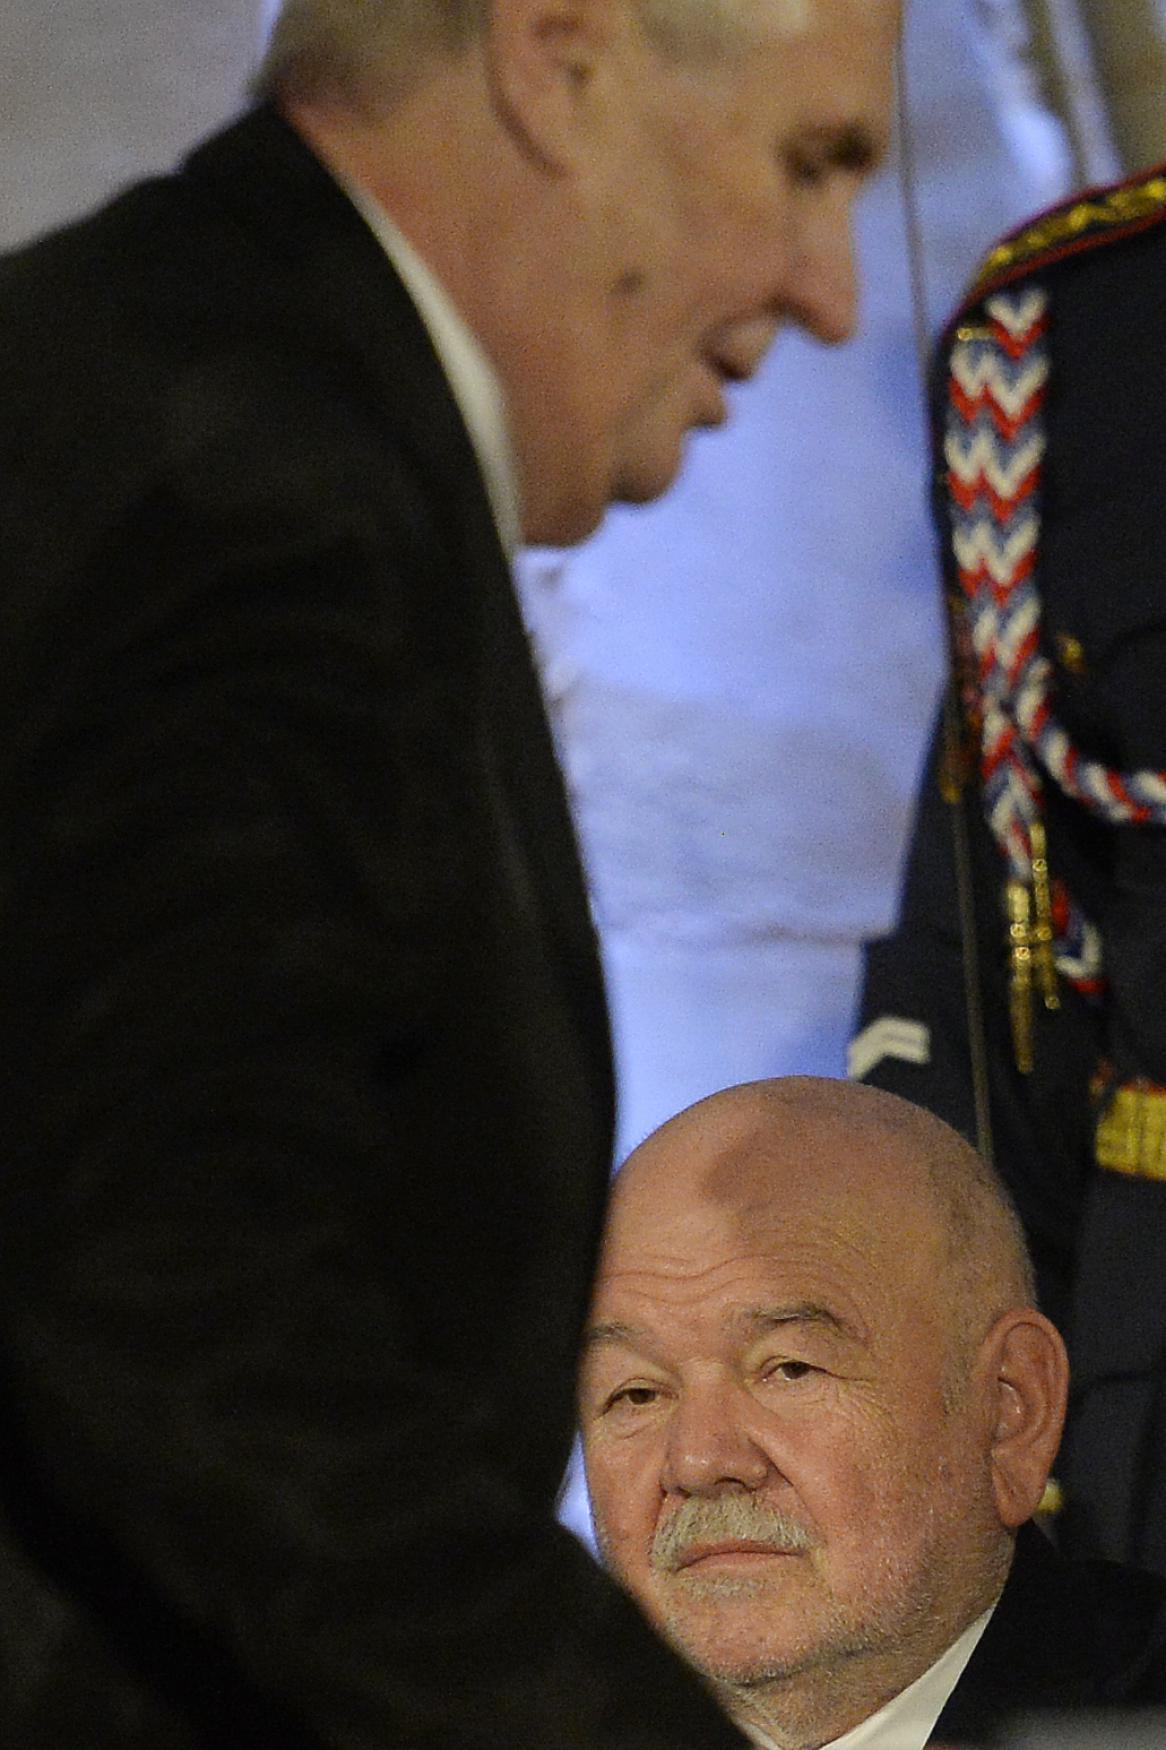 Medaili za zásluhy obdržel i několikanásobný vítěz rally Paříž-Dakar Karel Loprais